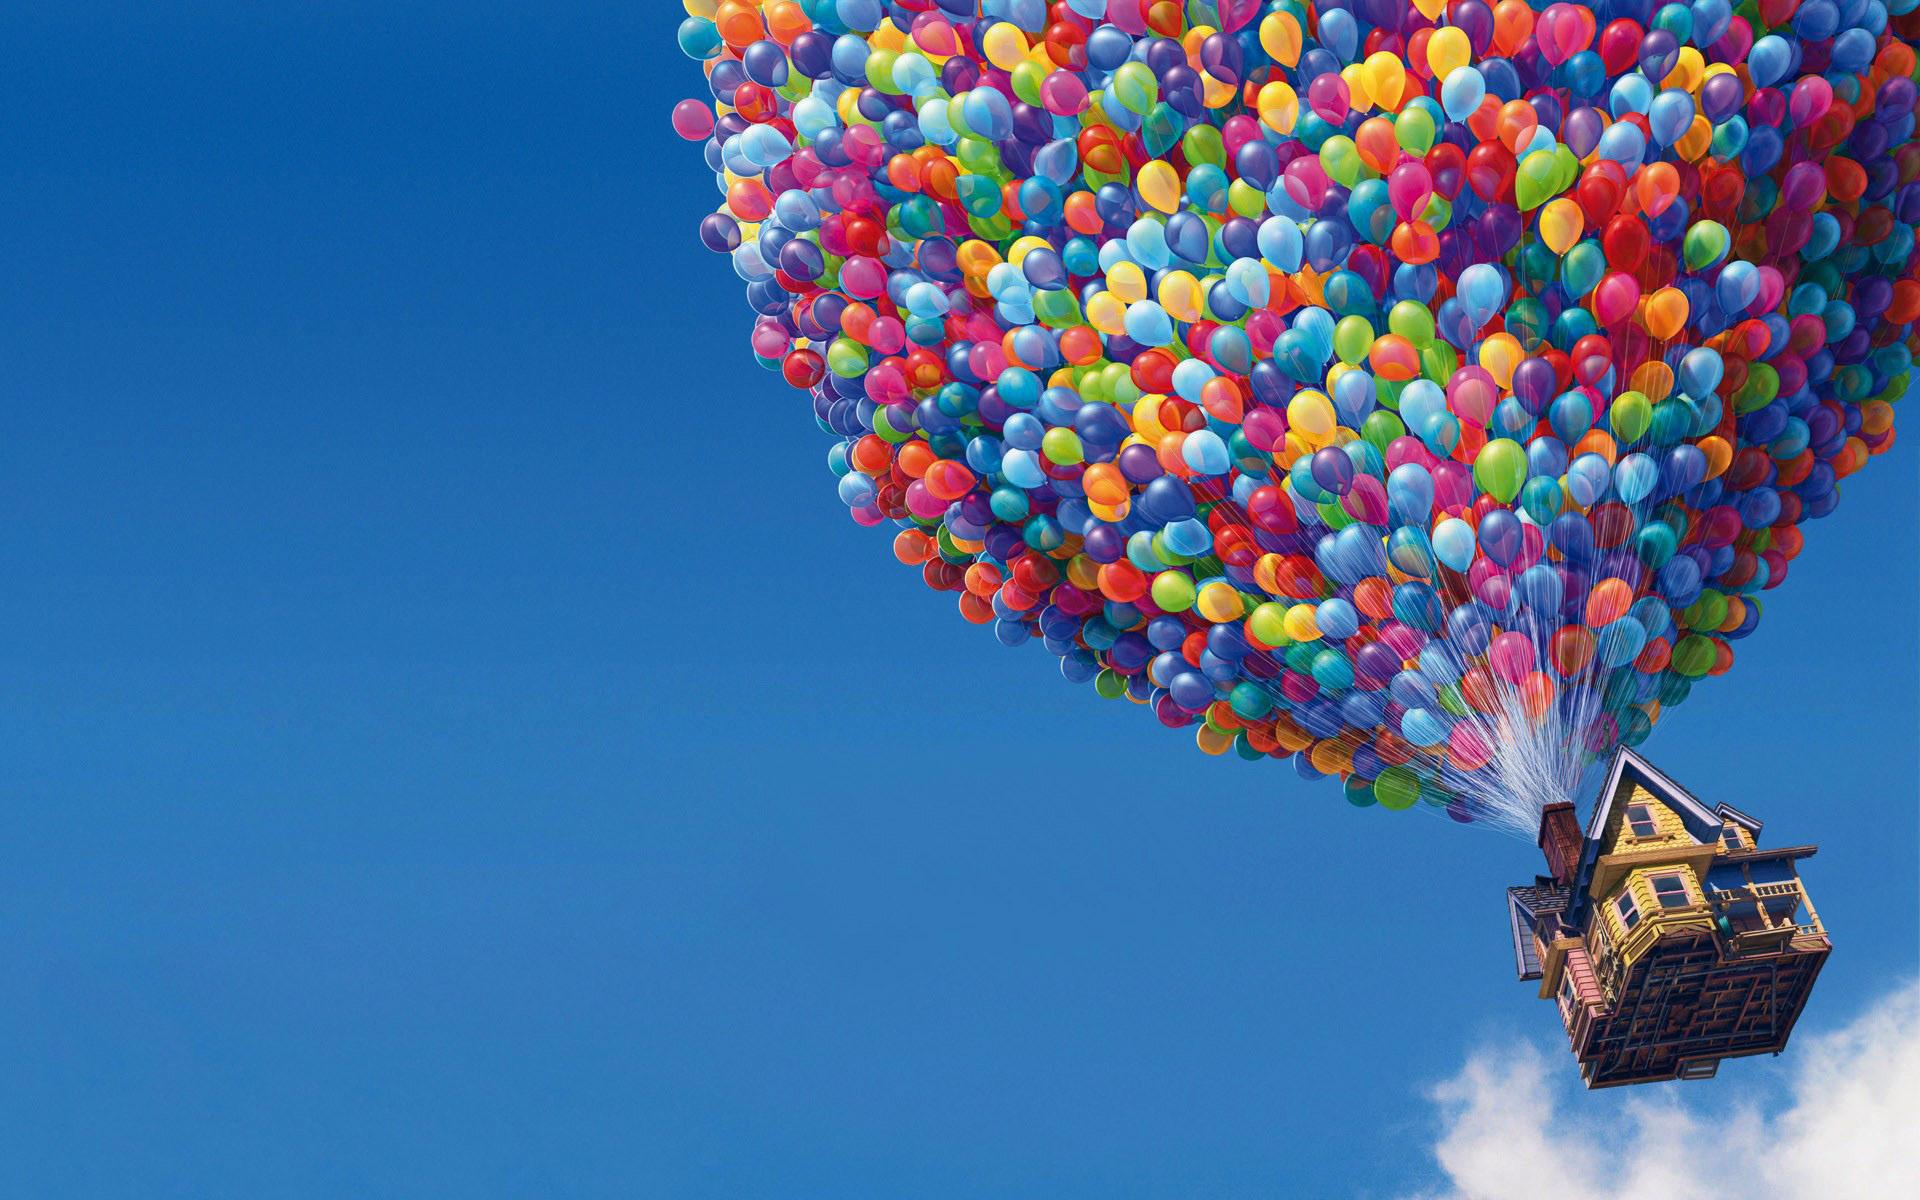 lovely balloons wallpaper image